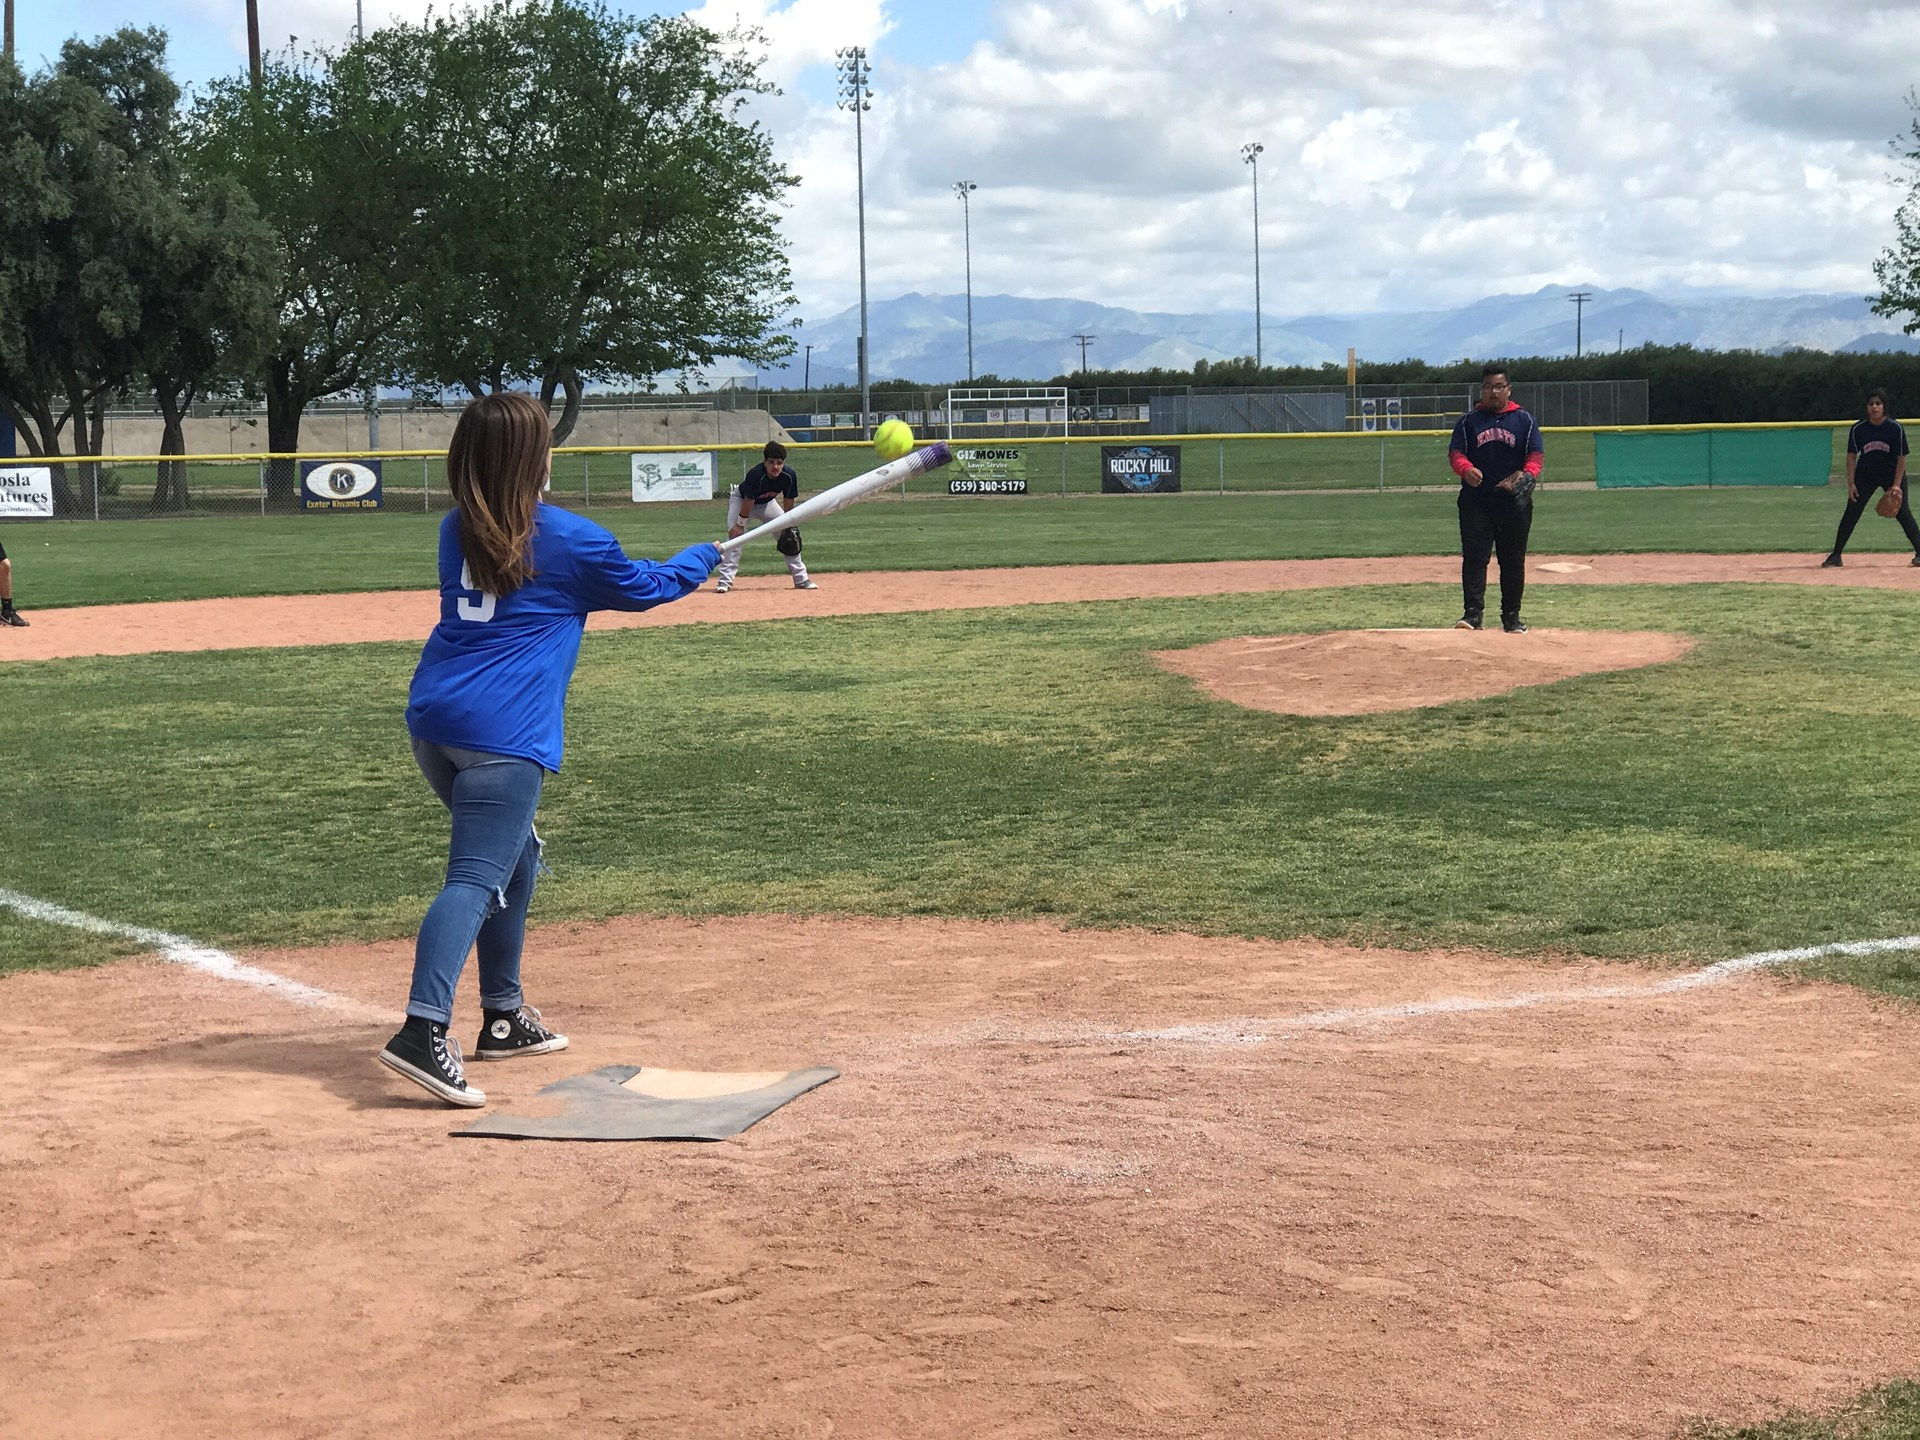 Female Athlete at Bat